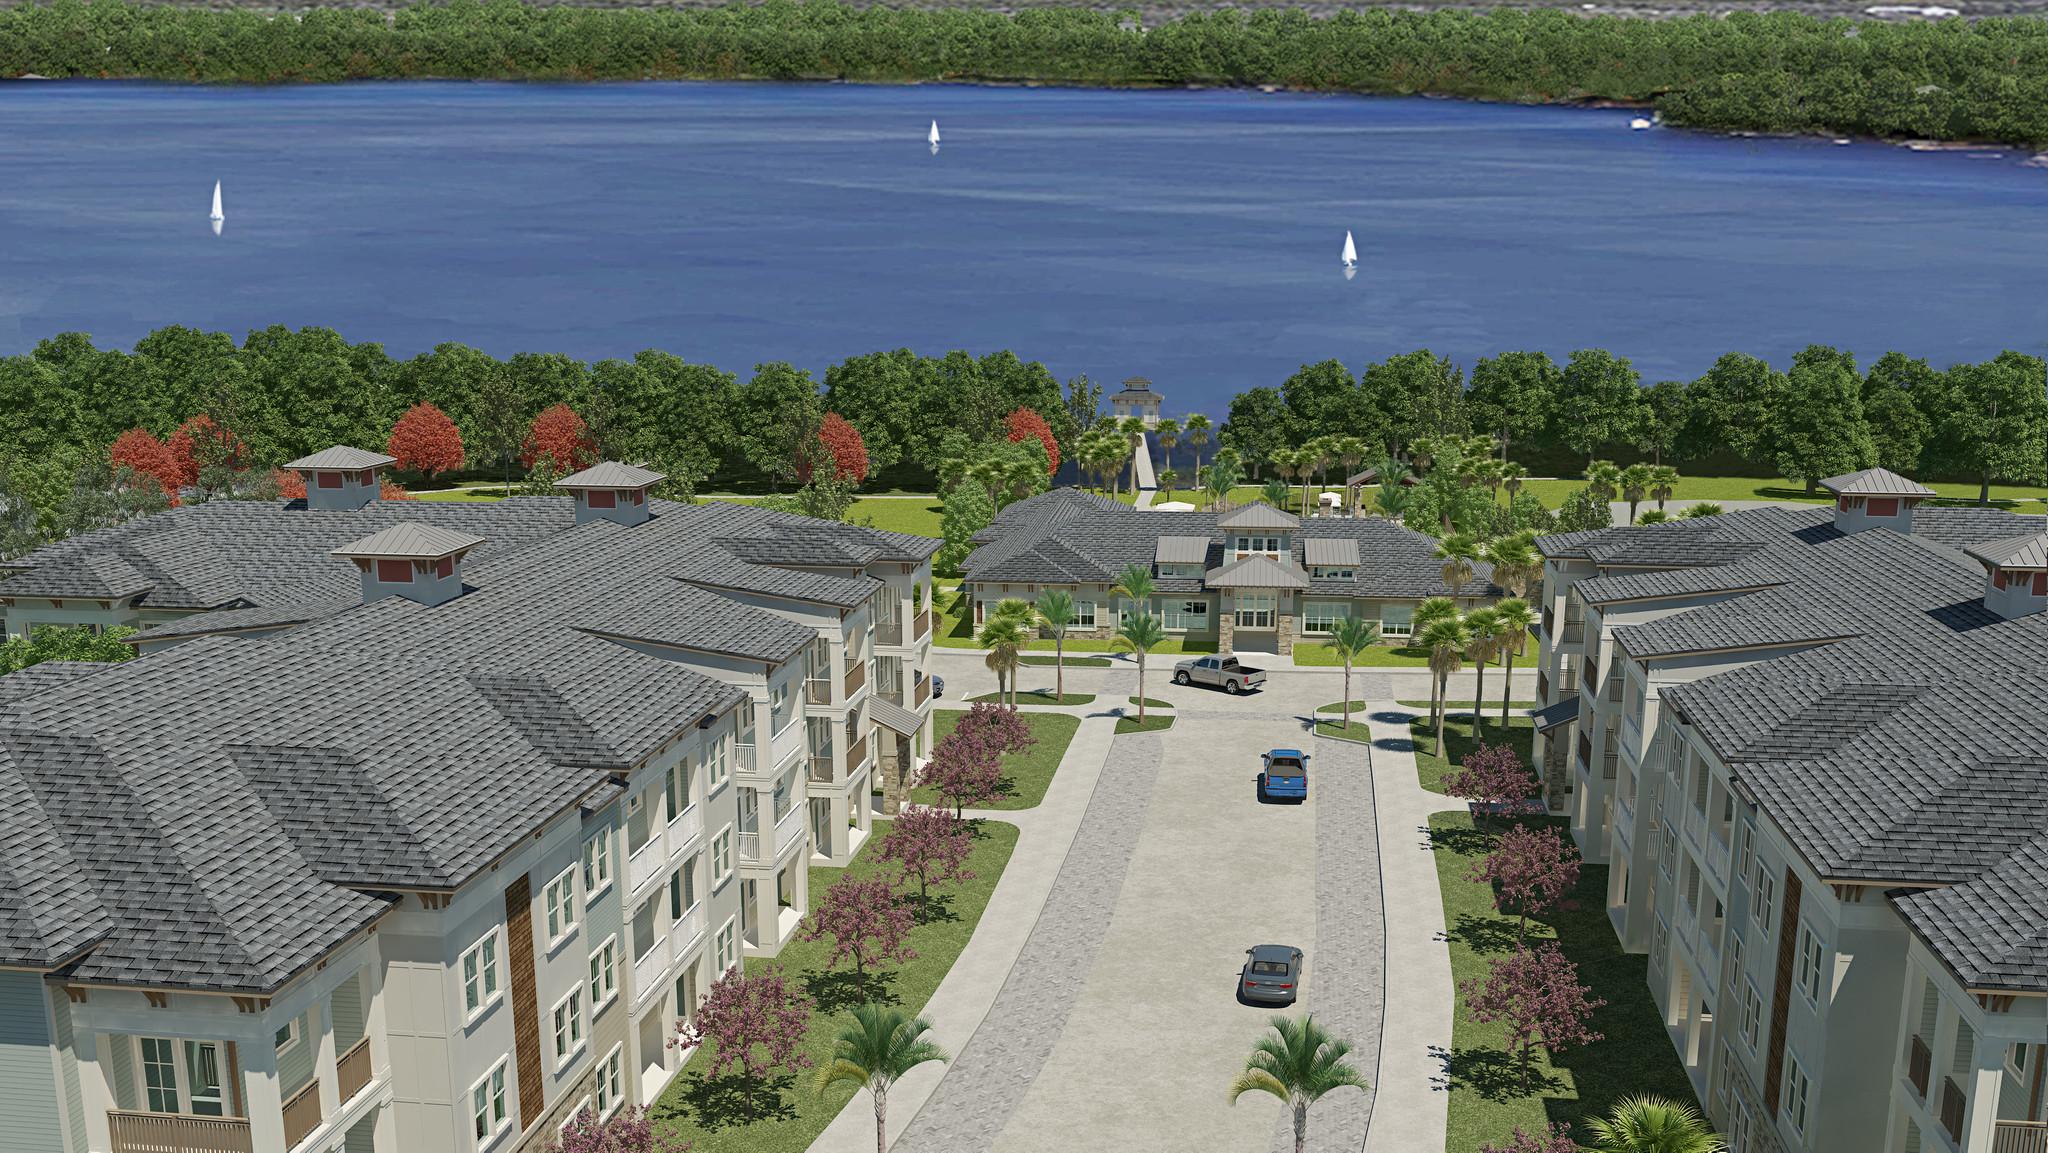 Bainbridge nears land purchase site work start on Lake Nona area